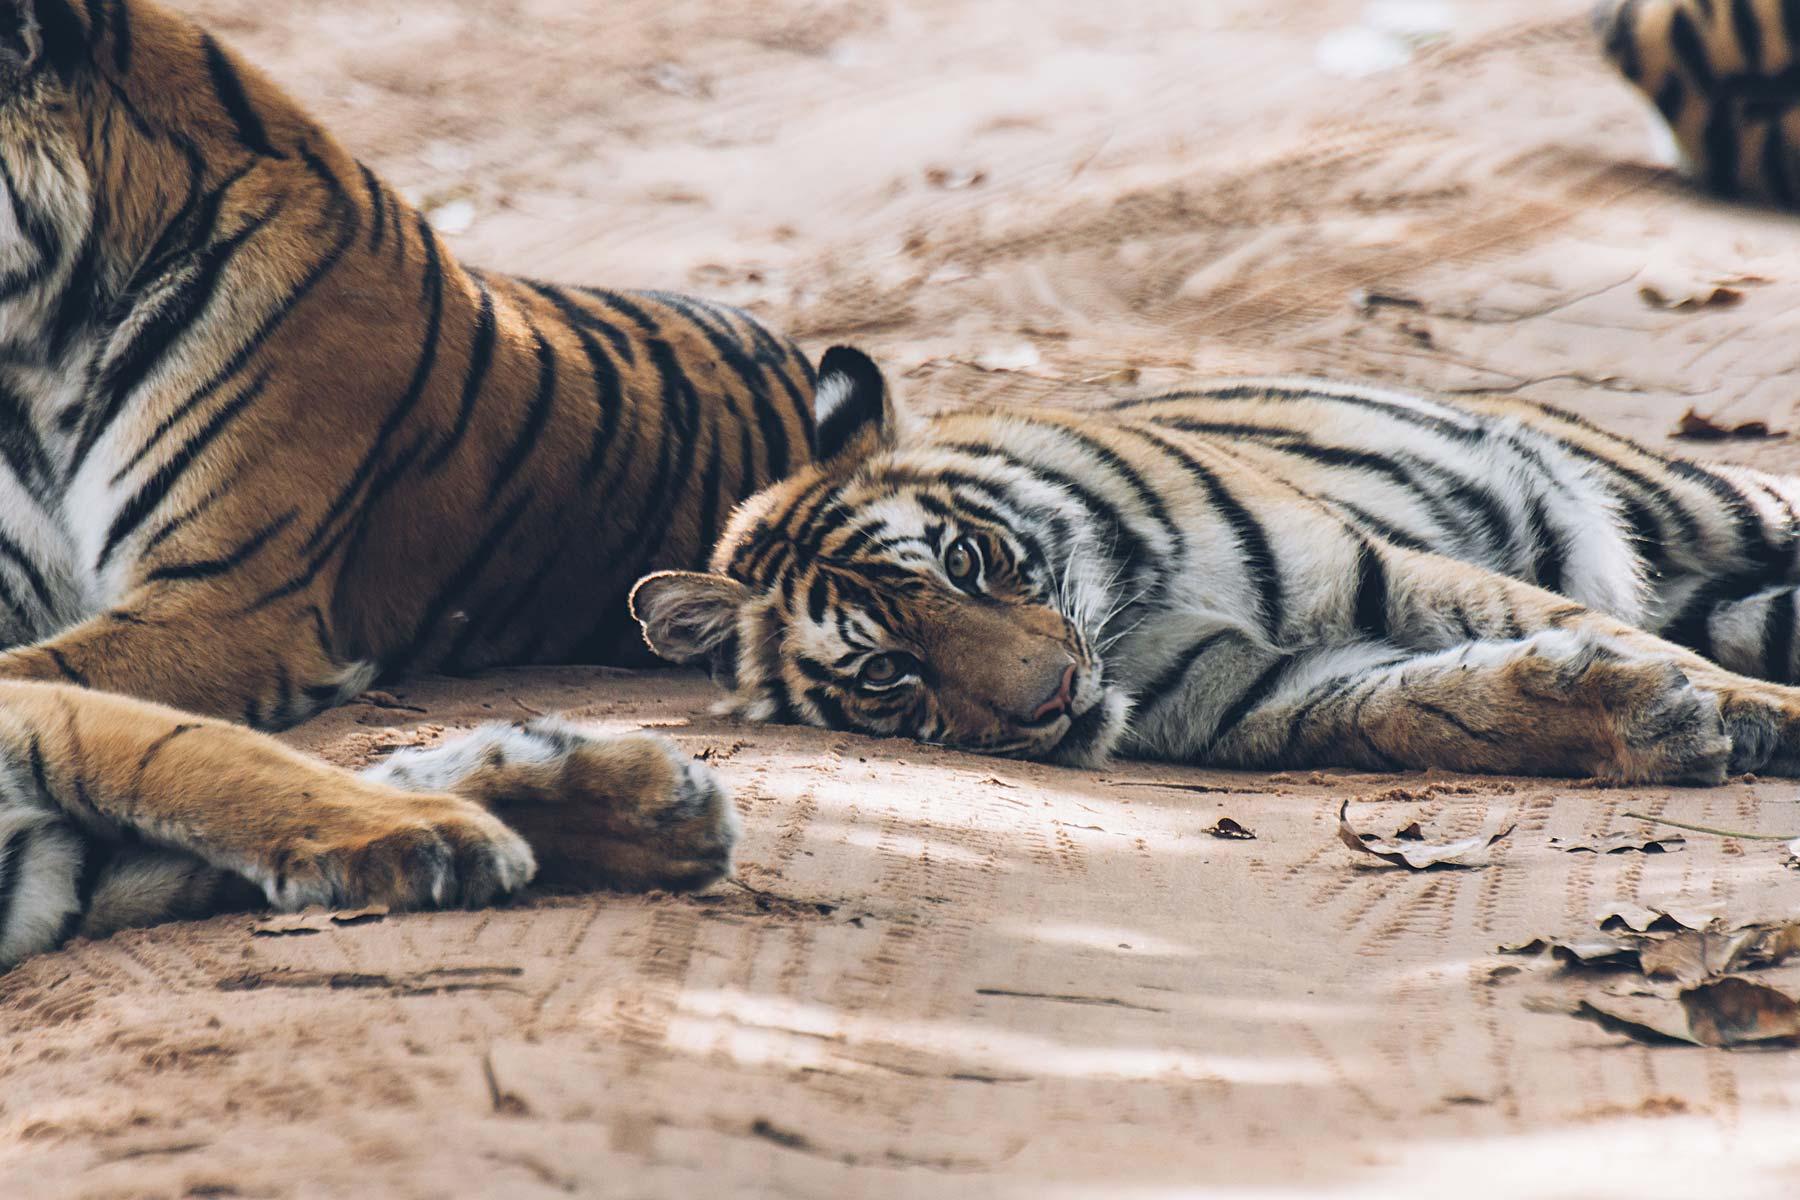 Où voir des tigres en Inde? Bandhavgarh National Park